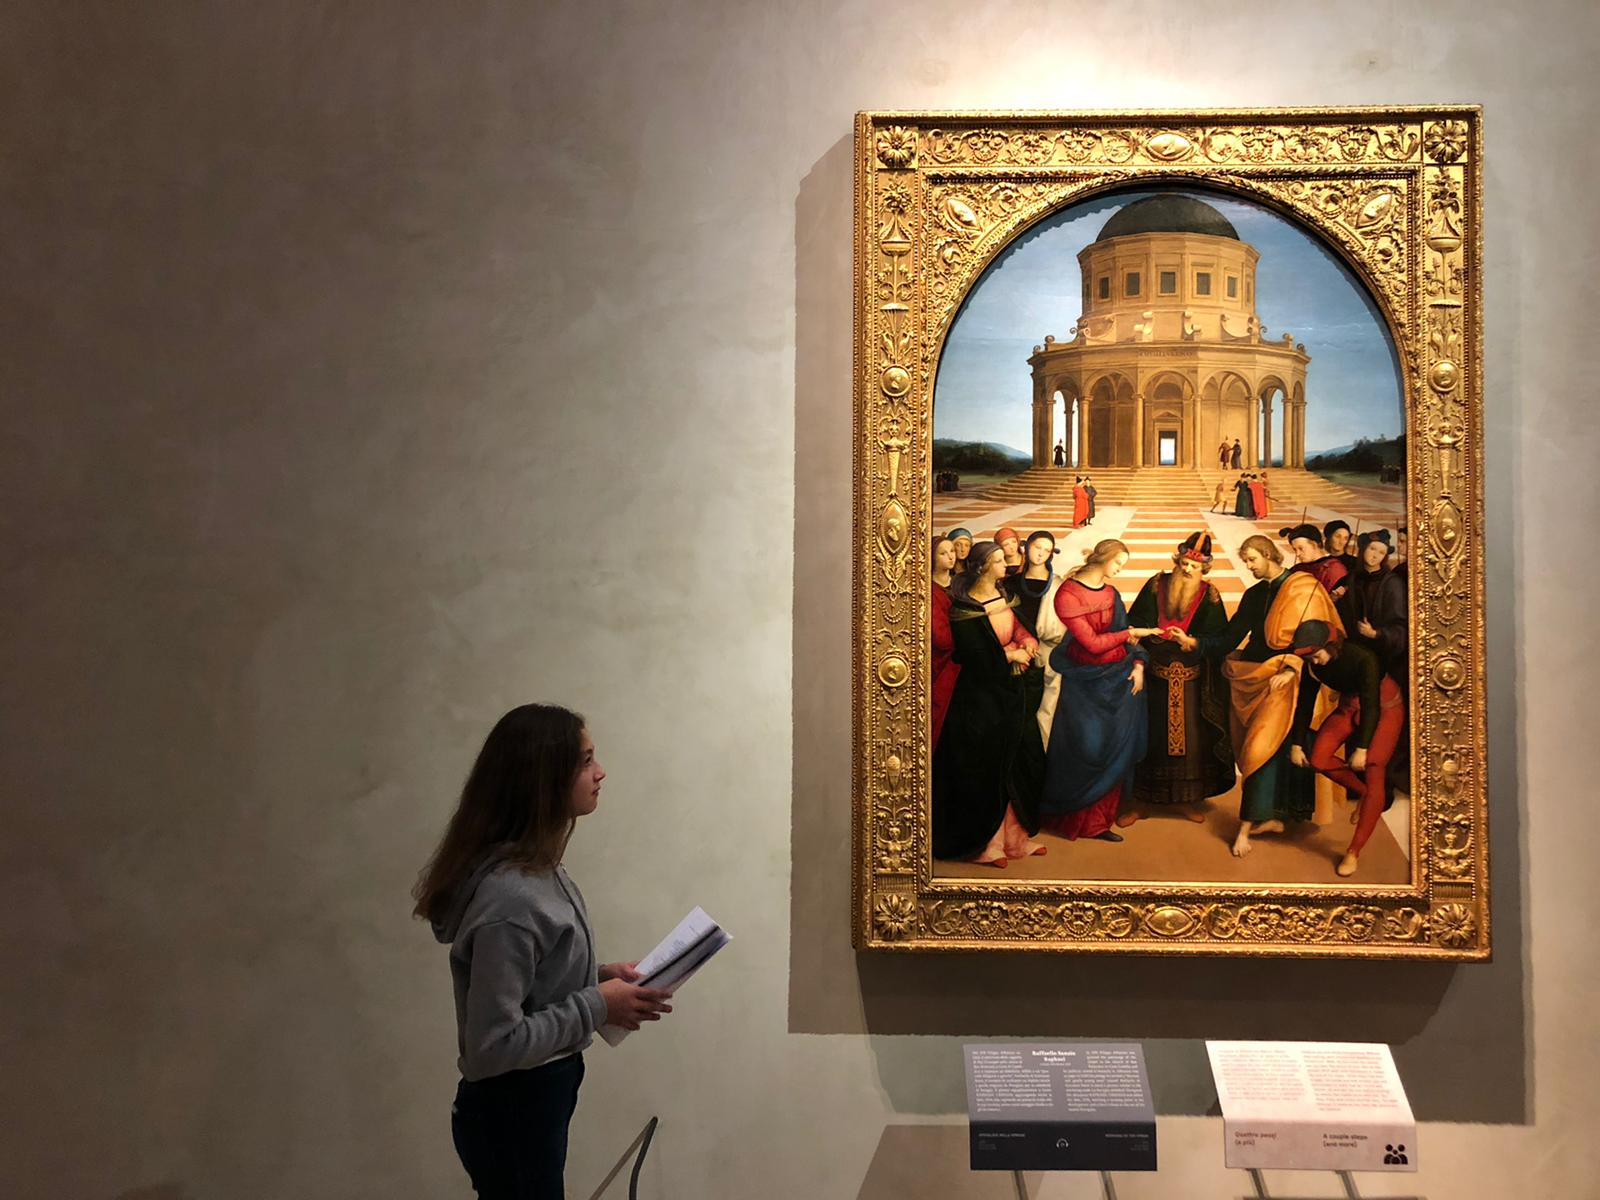 Nei panni dei professori tra i quadri di Brera